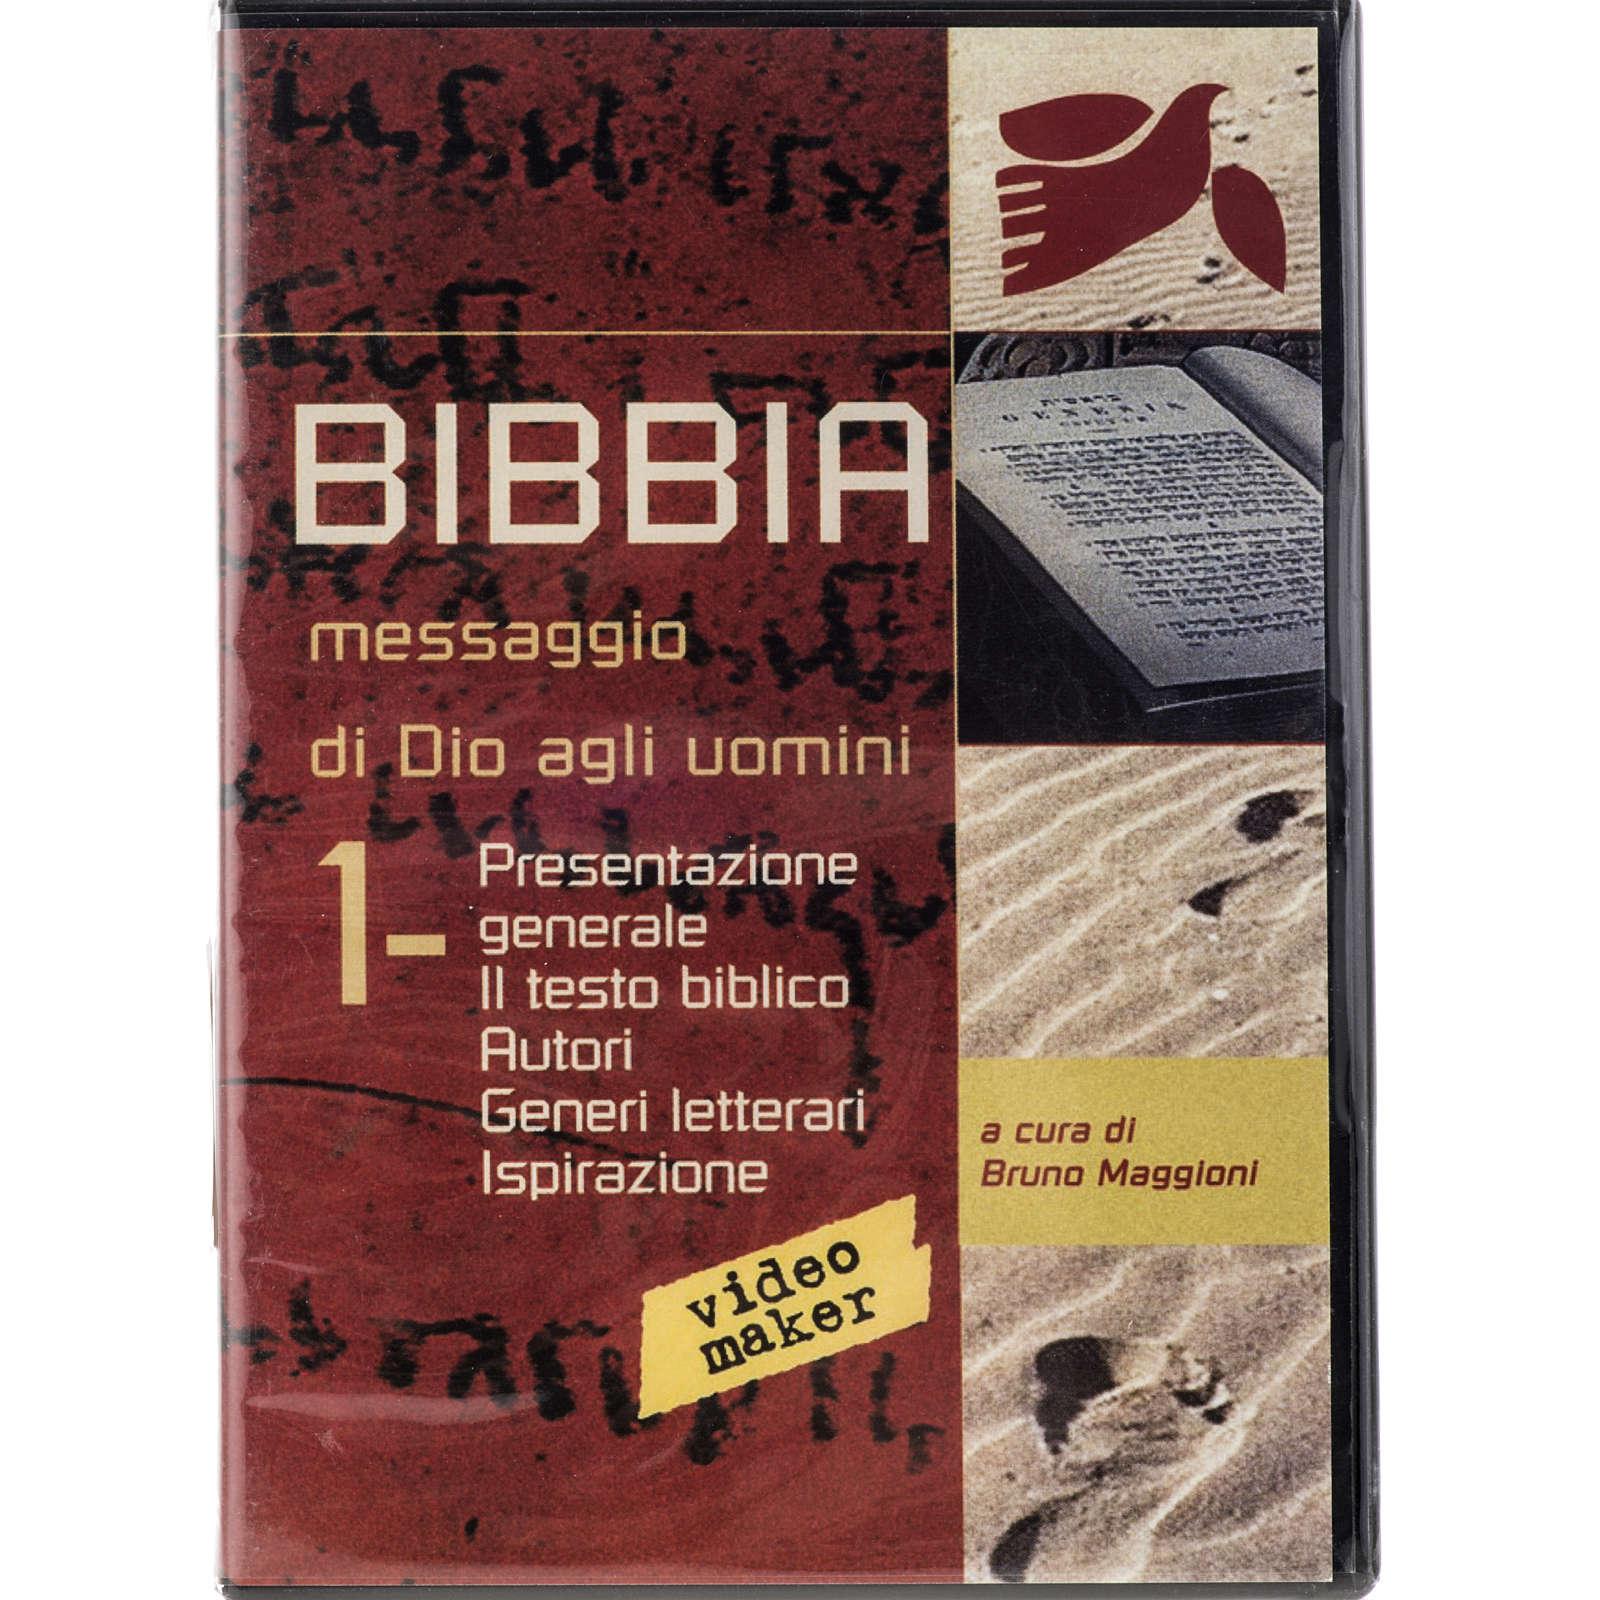 Bibbia messaggio di Dio agli uomini - volume I 3